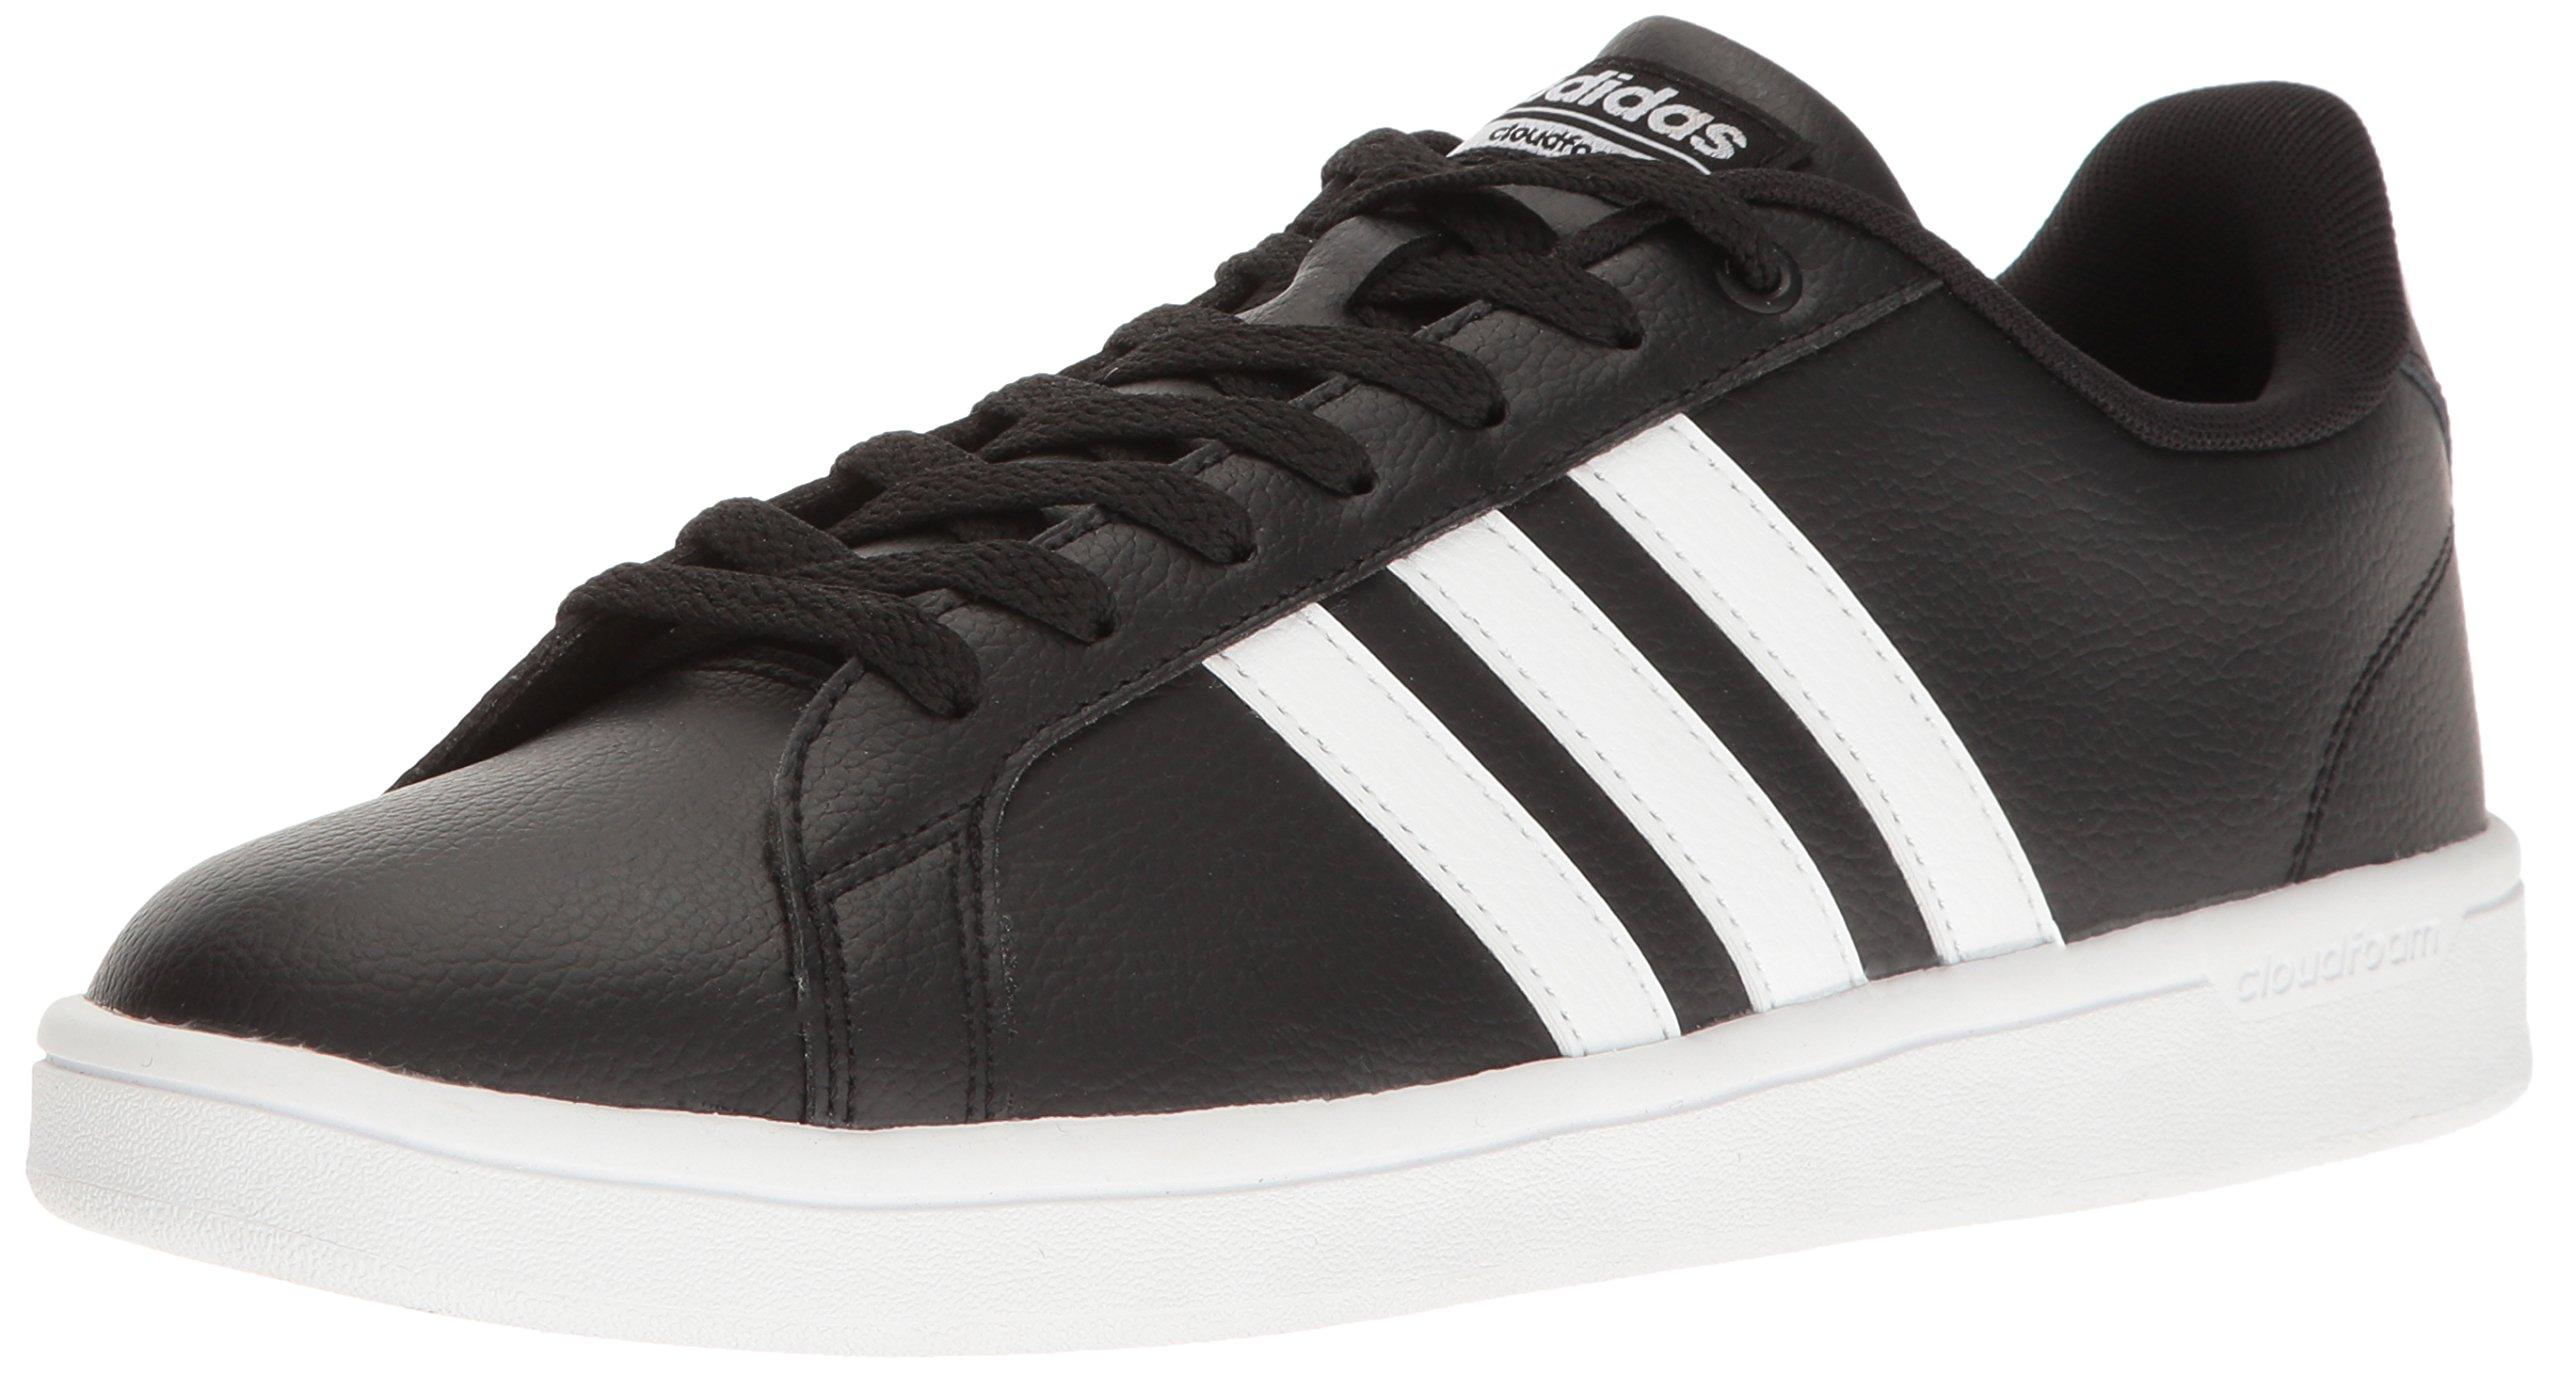 adidas Men's Shoes   Cloudfoam Advantage Sneakers, Black White, (7.5 M US)